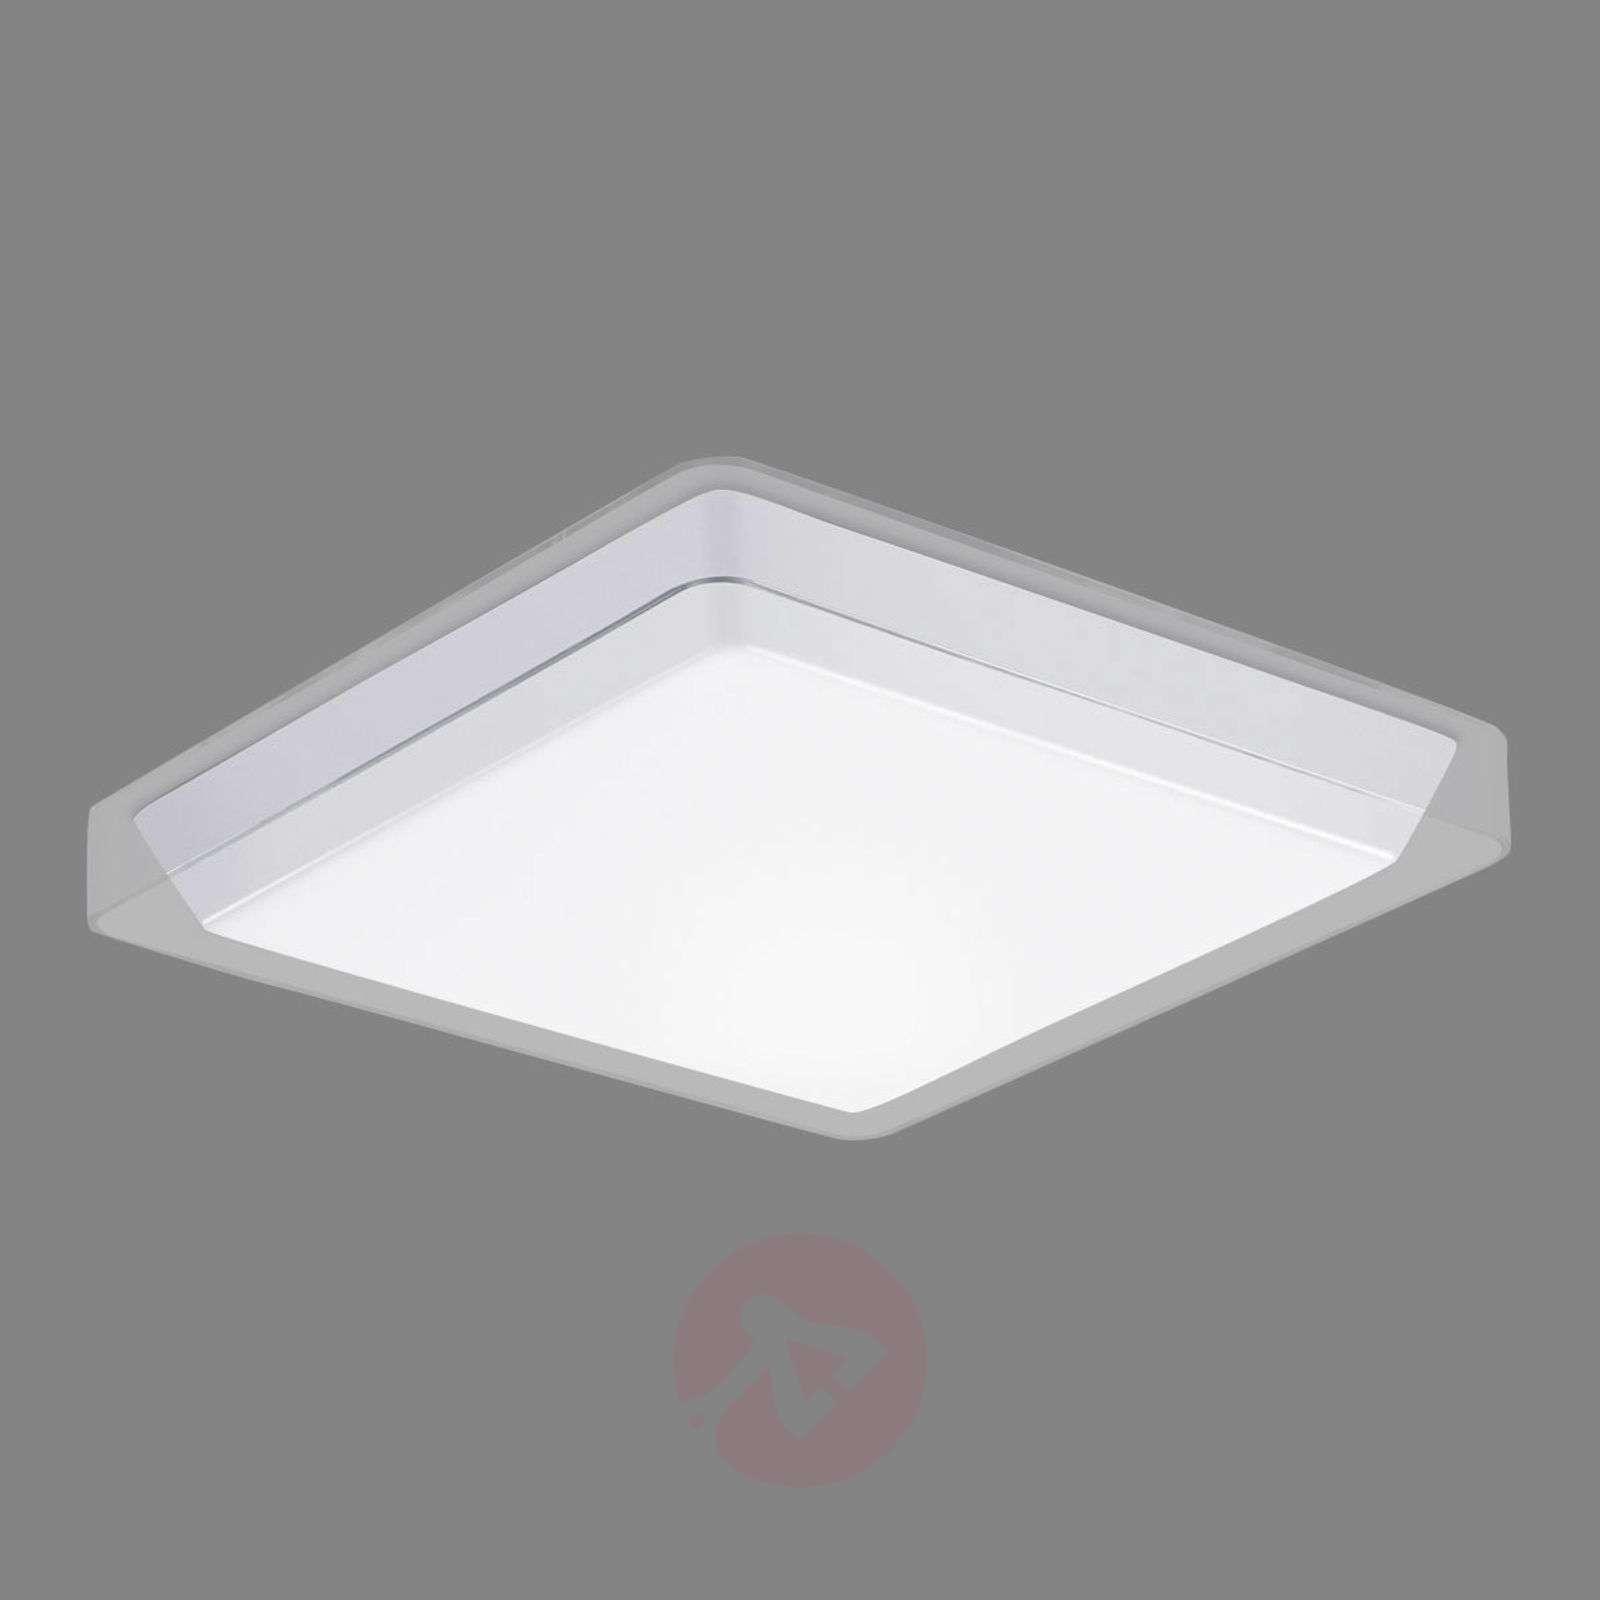 Warm white illuminating KL375 LED ceiling light-8542056-01